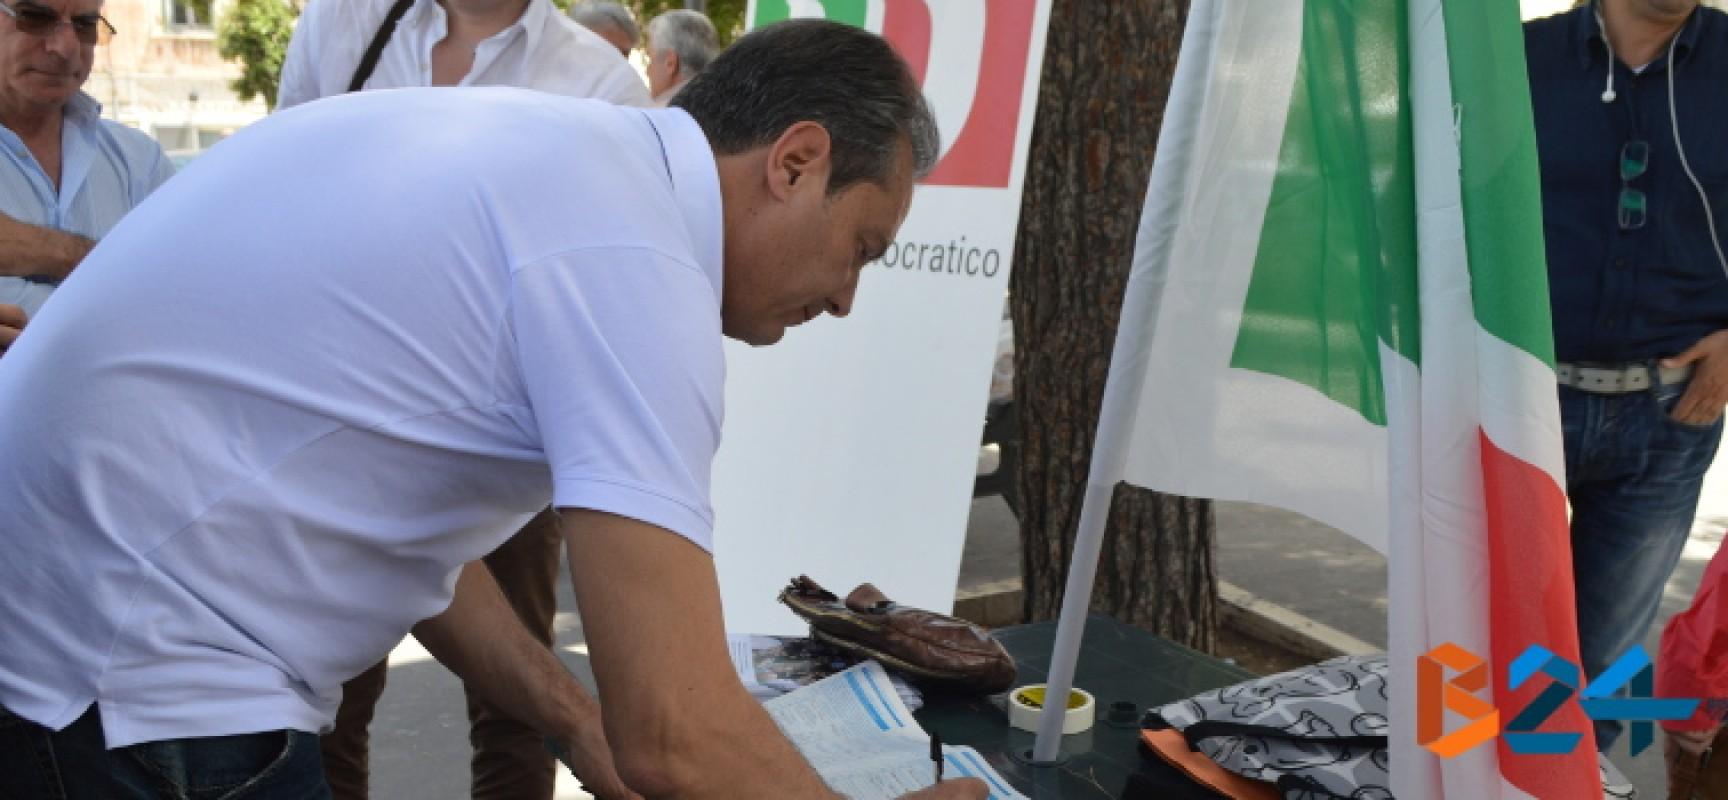 Il Sindaco Spina firma per il referendum costituzionale al banchetto del Pd